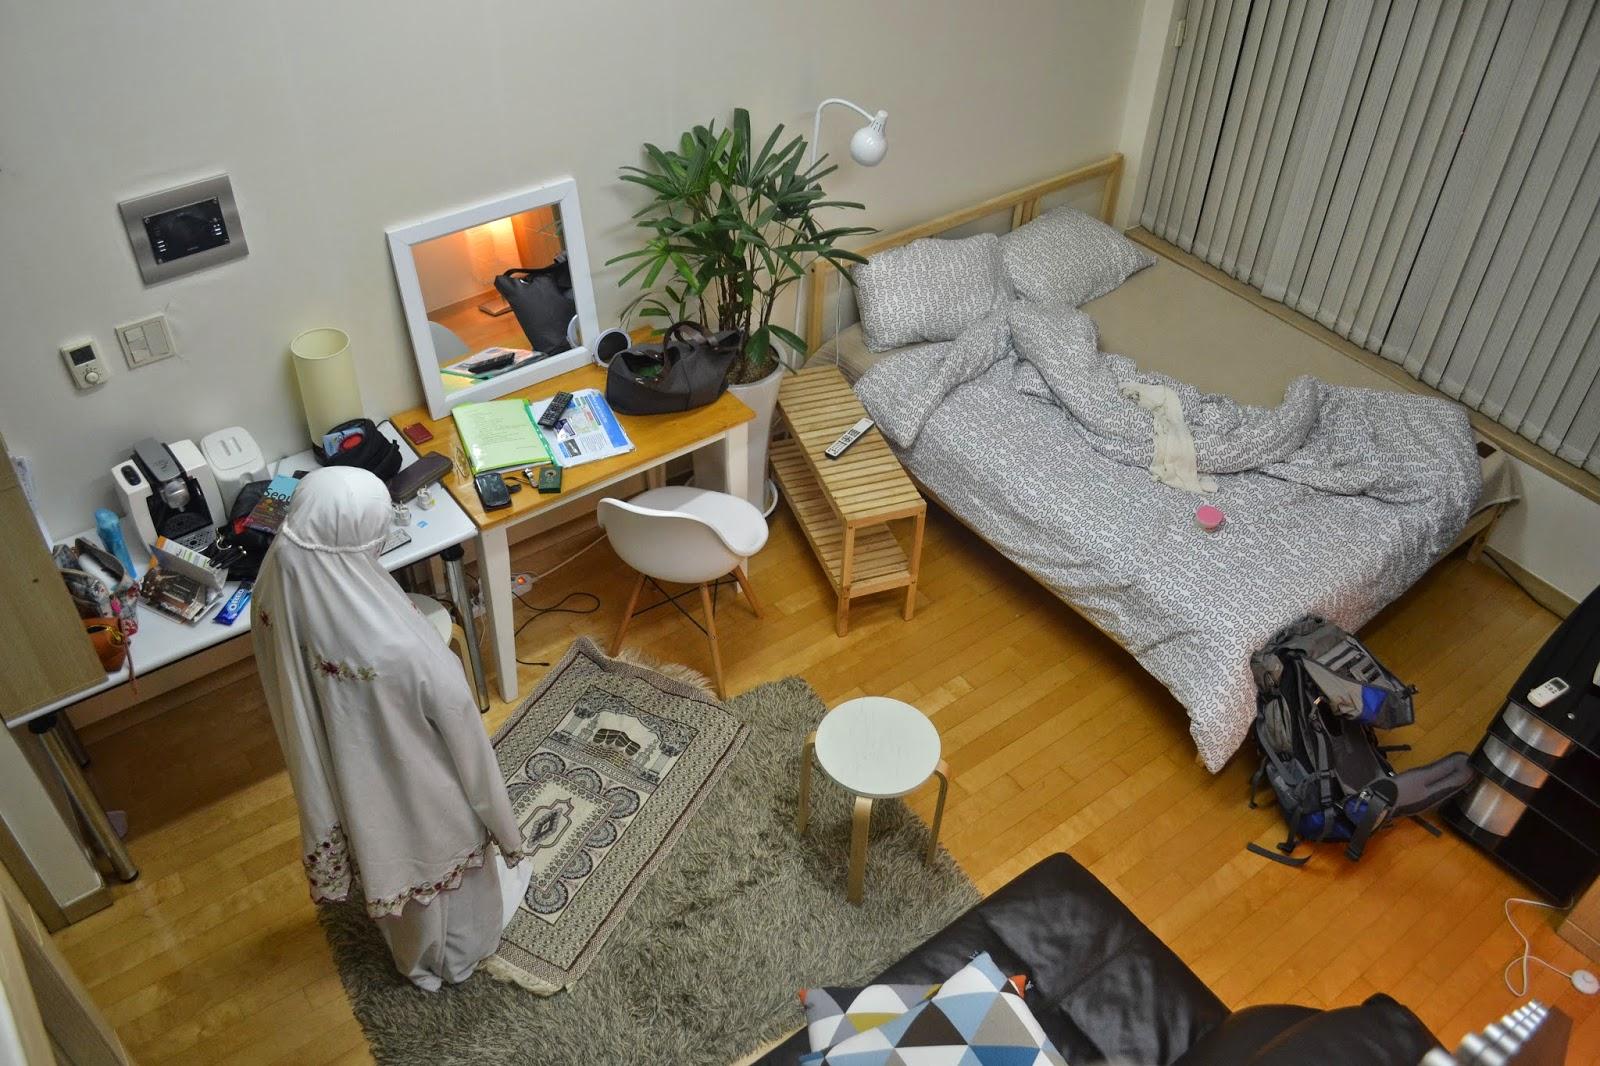 Ni Pandangan Dari Atas Tangga Bawah Tu Katil Tempat Tidur Mil Bilik Sepah Sikit Biasalah Ada Kanak Aktif